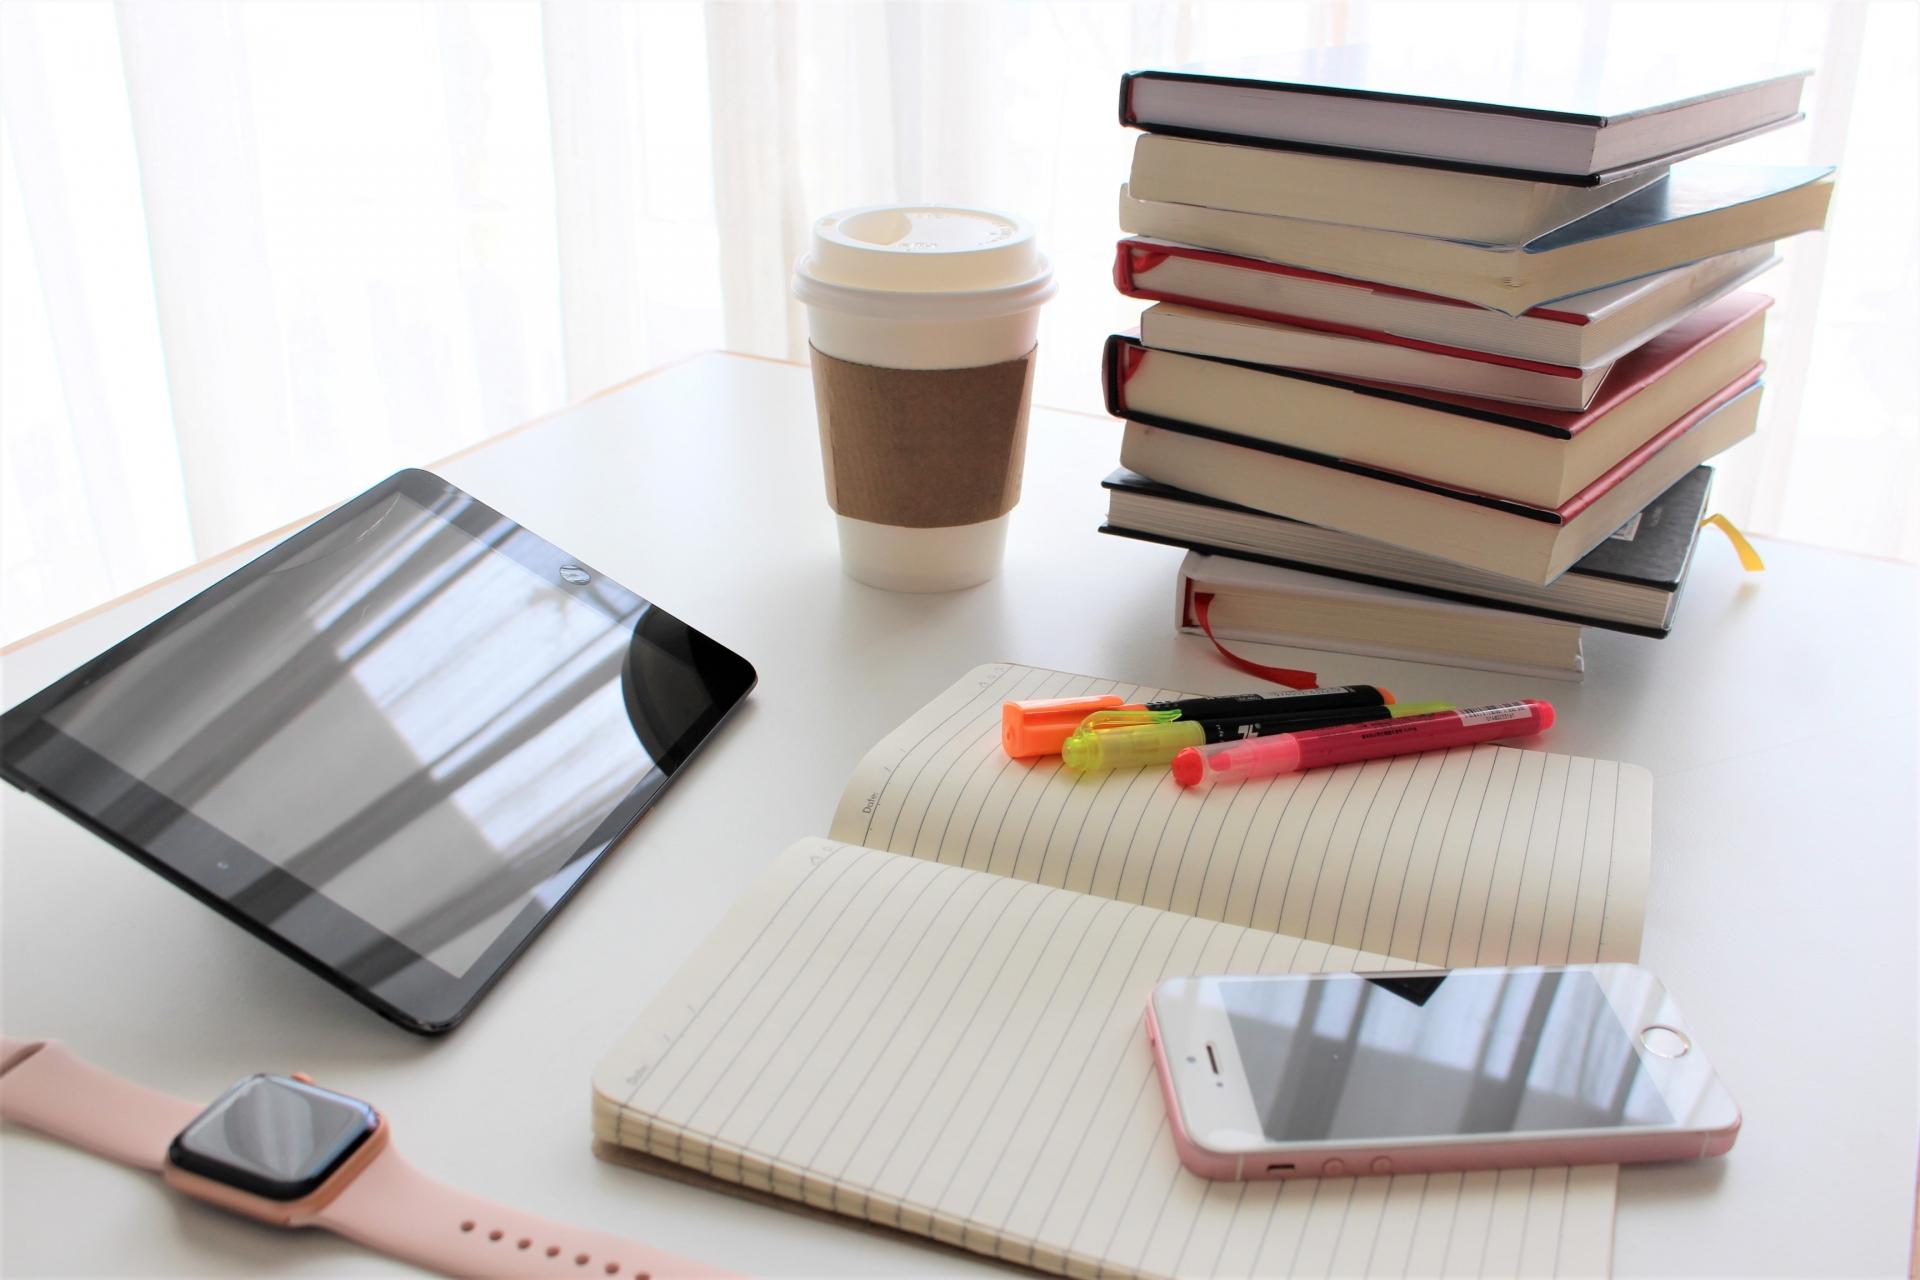 【中学生の不登校】勉強の遅れが心配な親ができること、自宅でできる勉強法とは